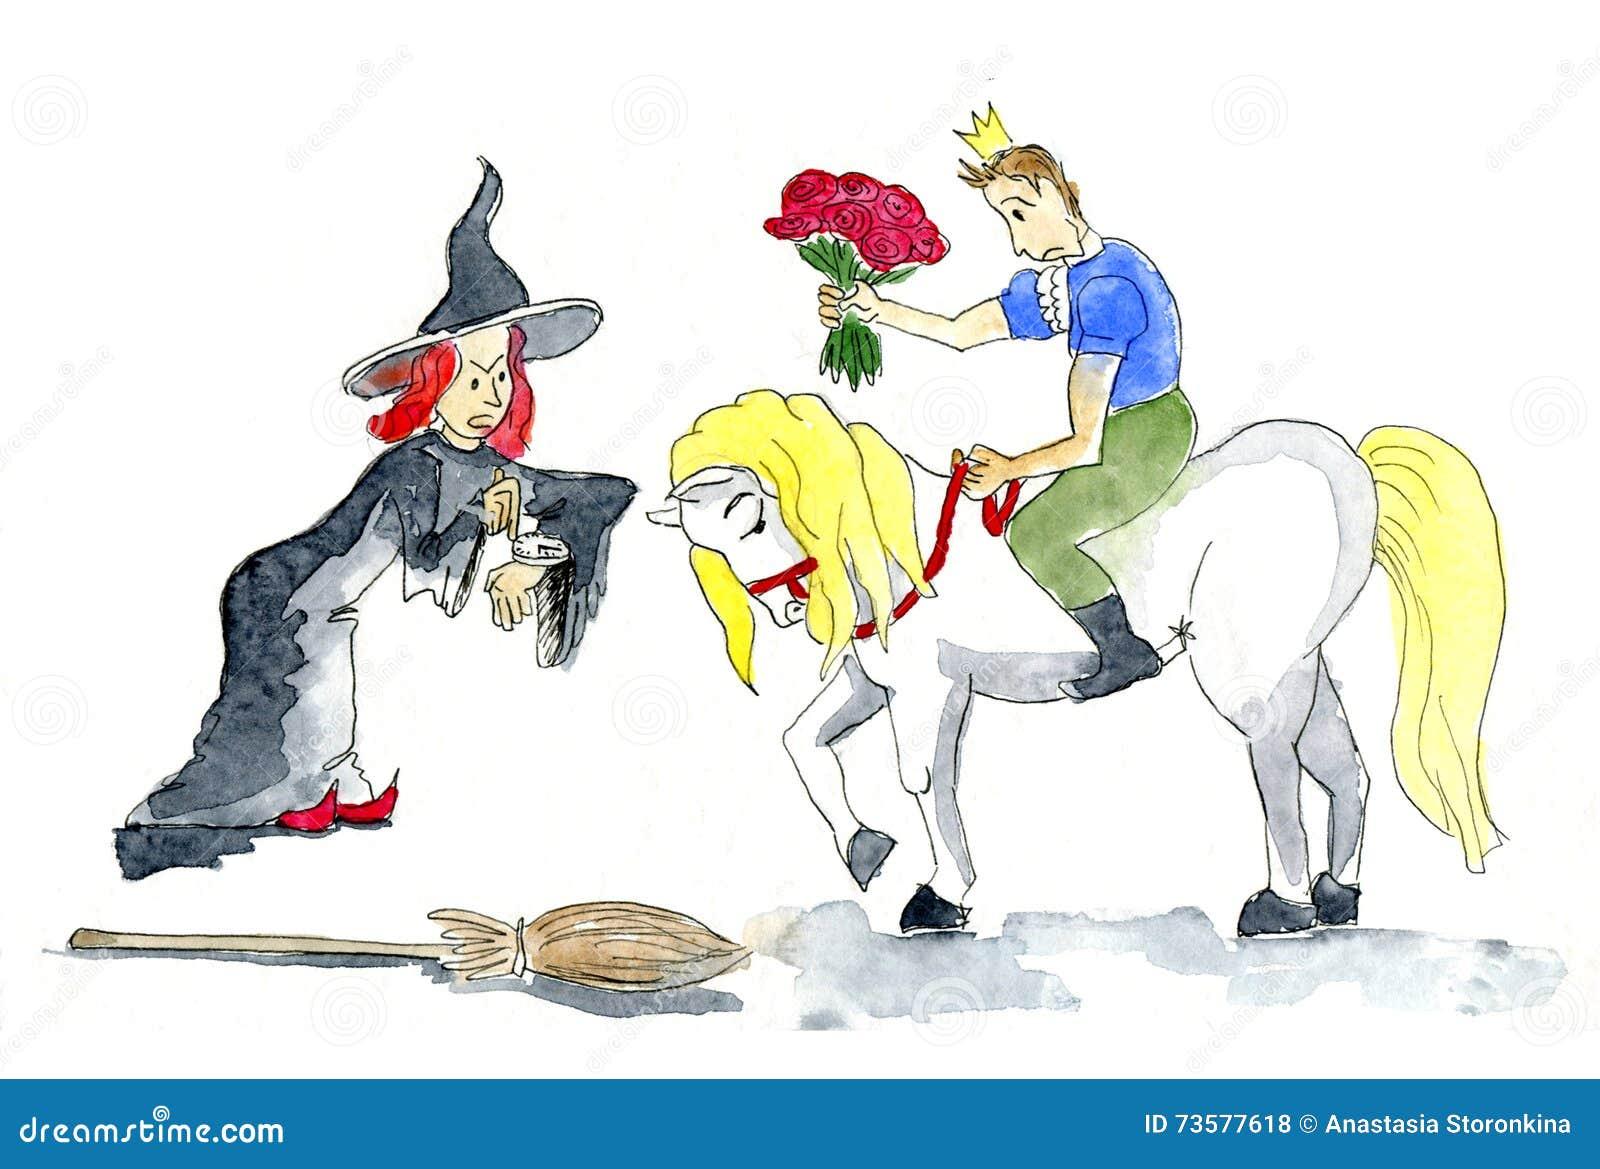 Для, смешные картинки про принца на белом